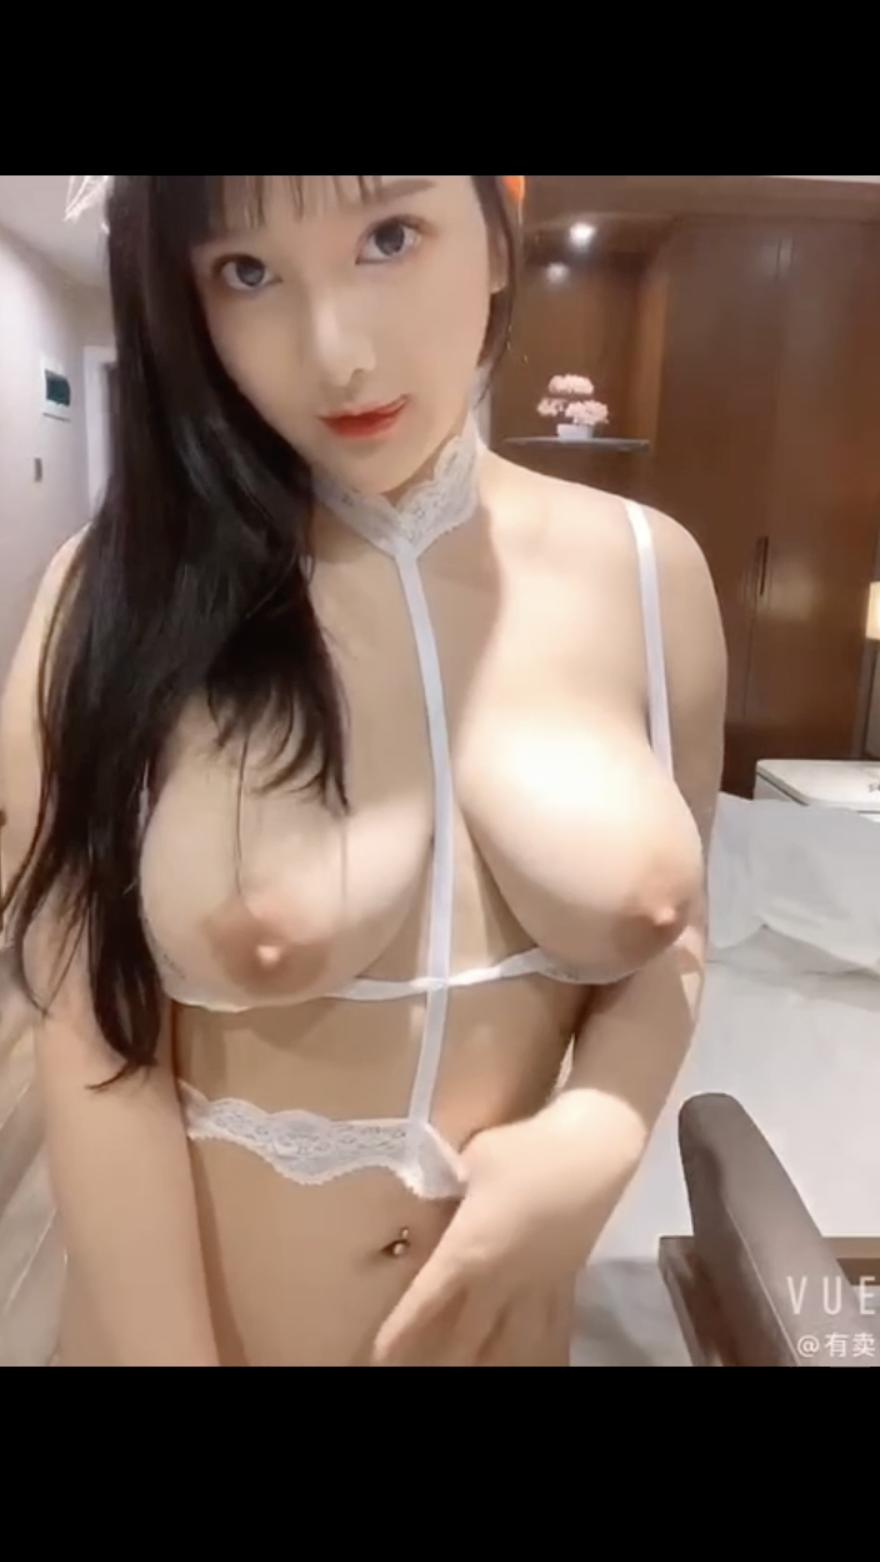 素人清楚系美少女-淫乱巨乳 無修正ハメ撮り (4)